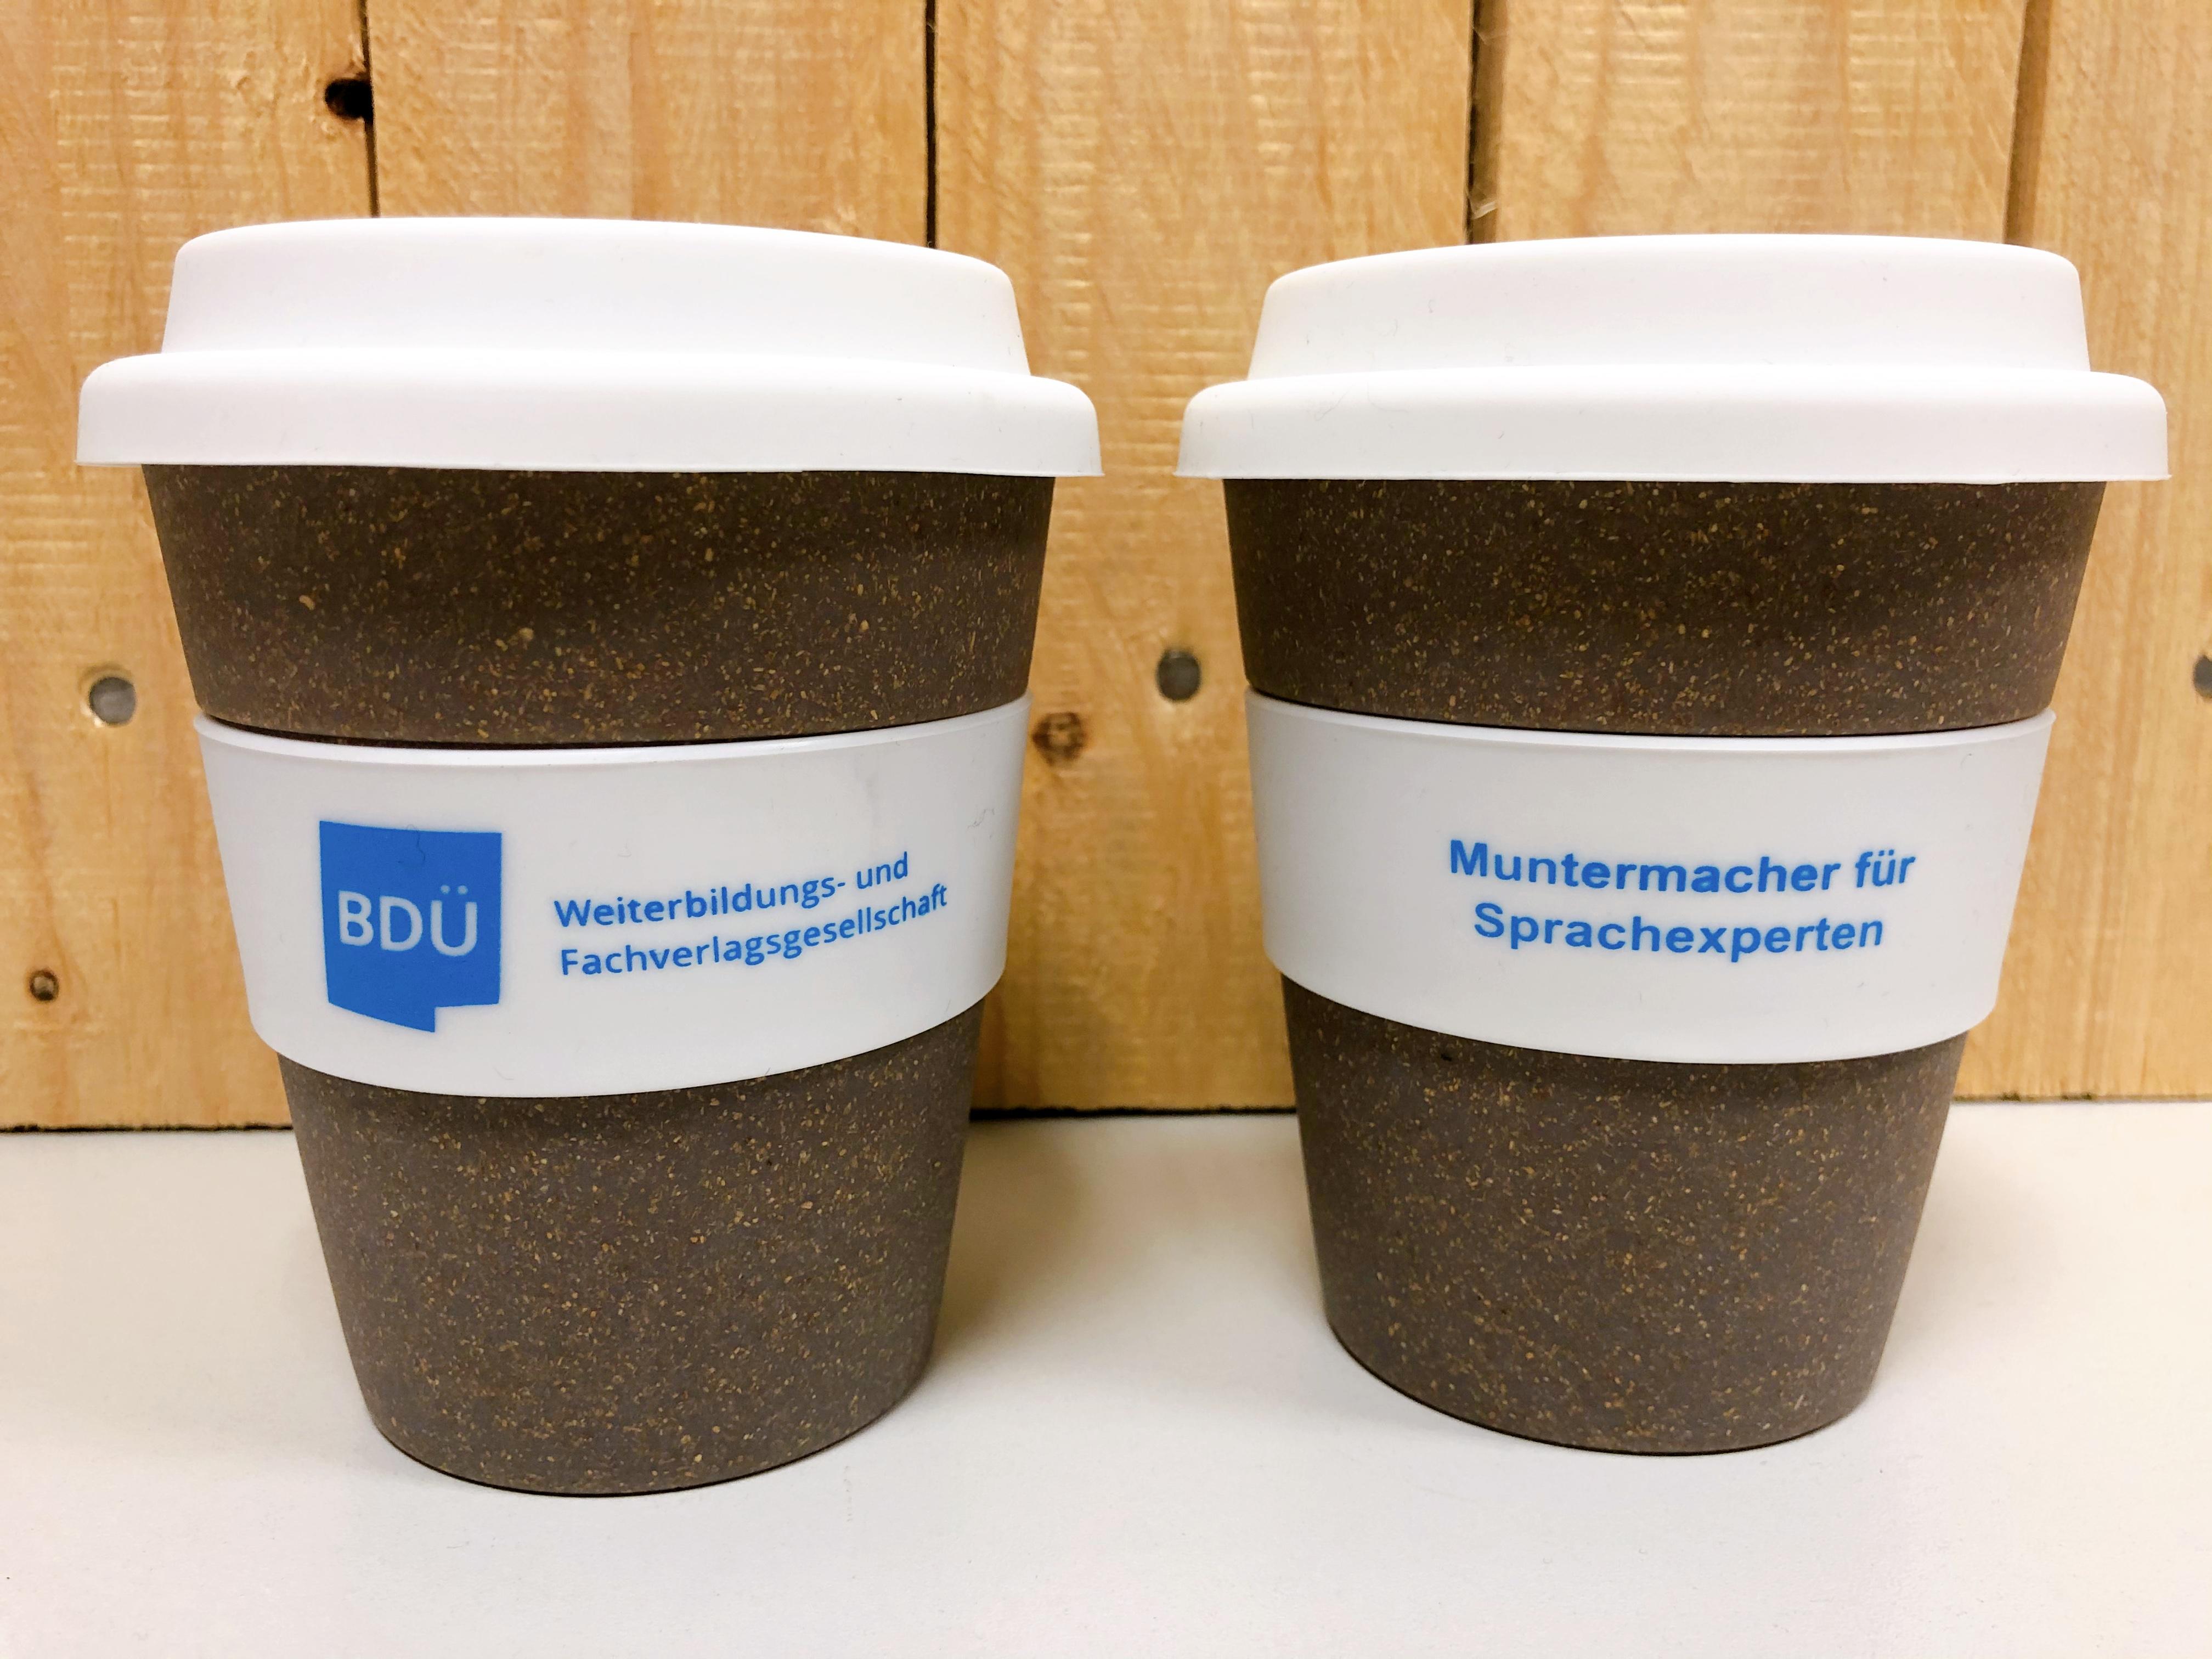 Coffee-to-go-Becher - Muntermacher für Sprachexperten